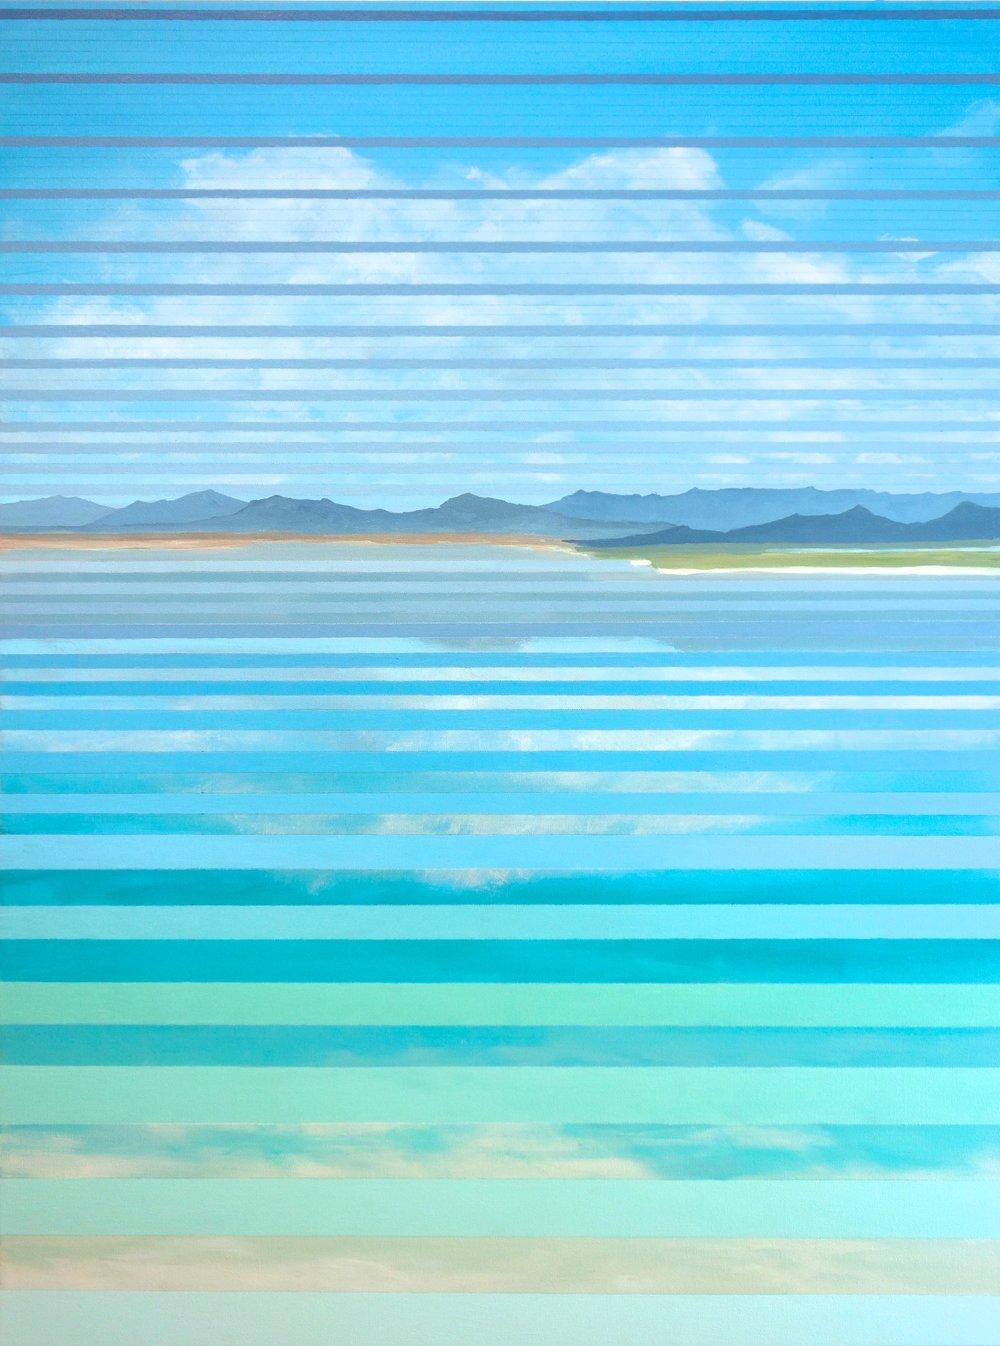 """Paoha Island, 2016. Oil and Acrylic on Canvas. 48""""x36"""" (123x91cm)"""